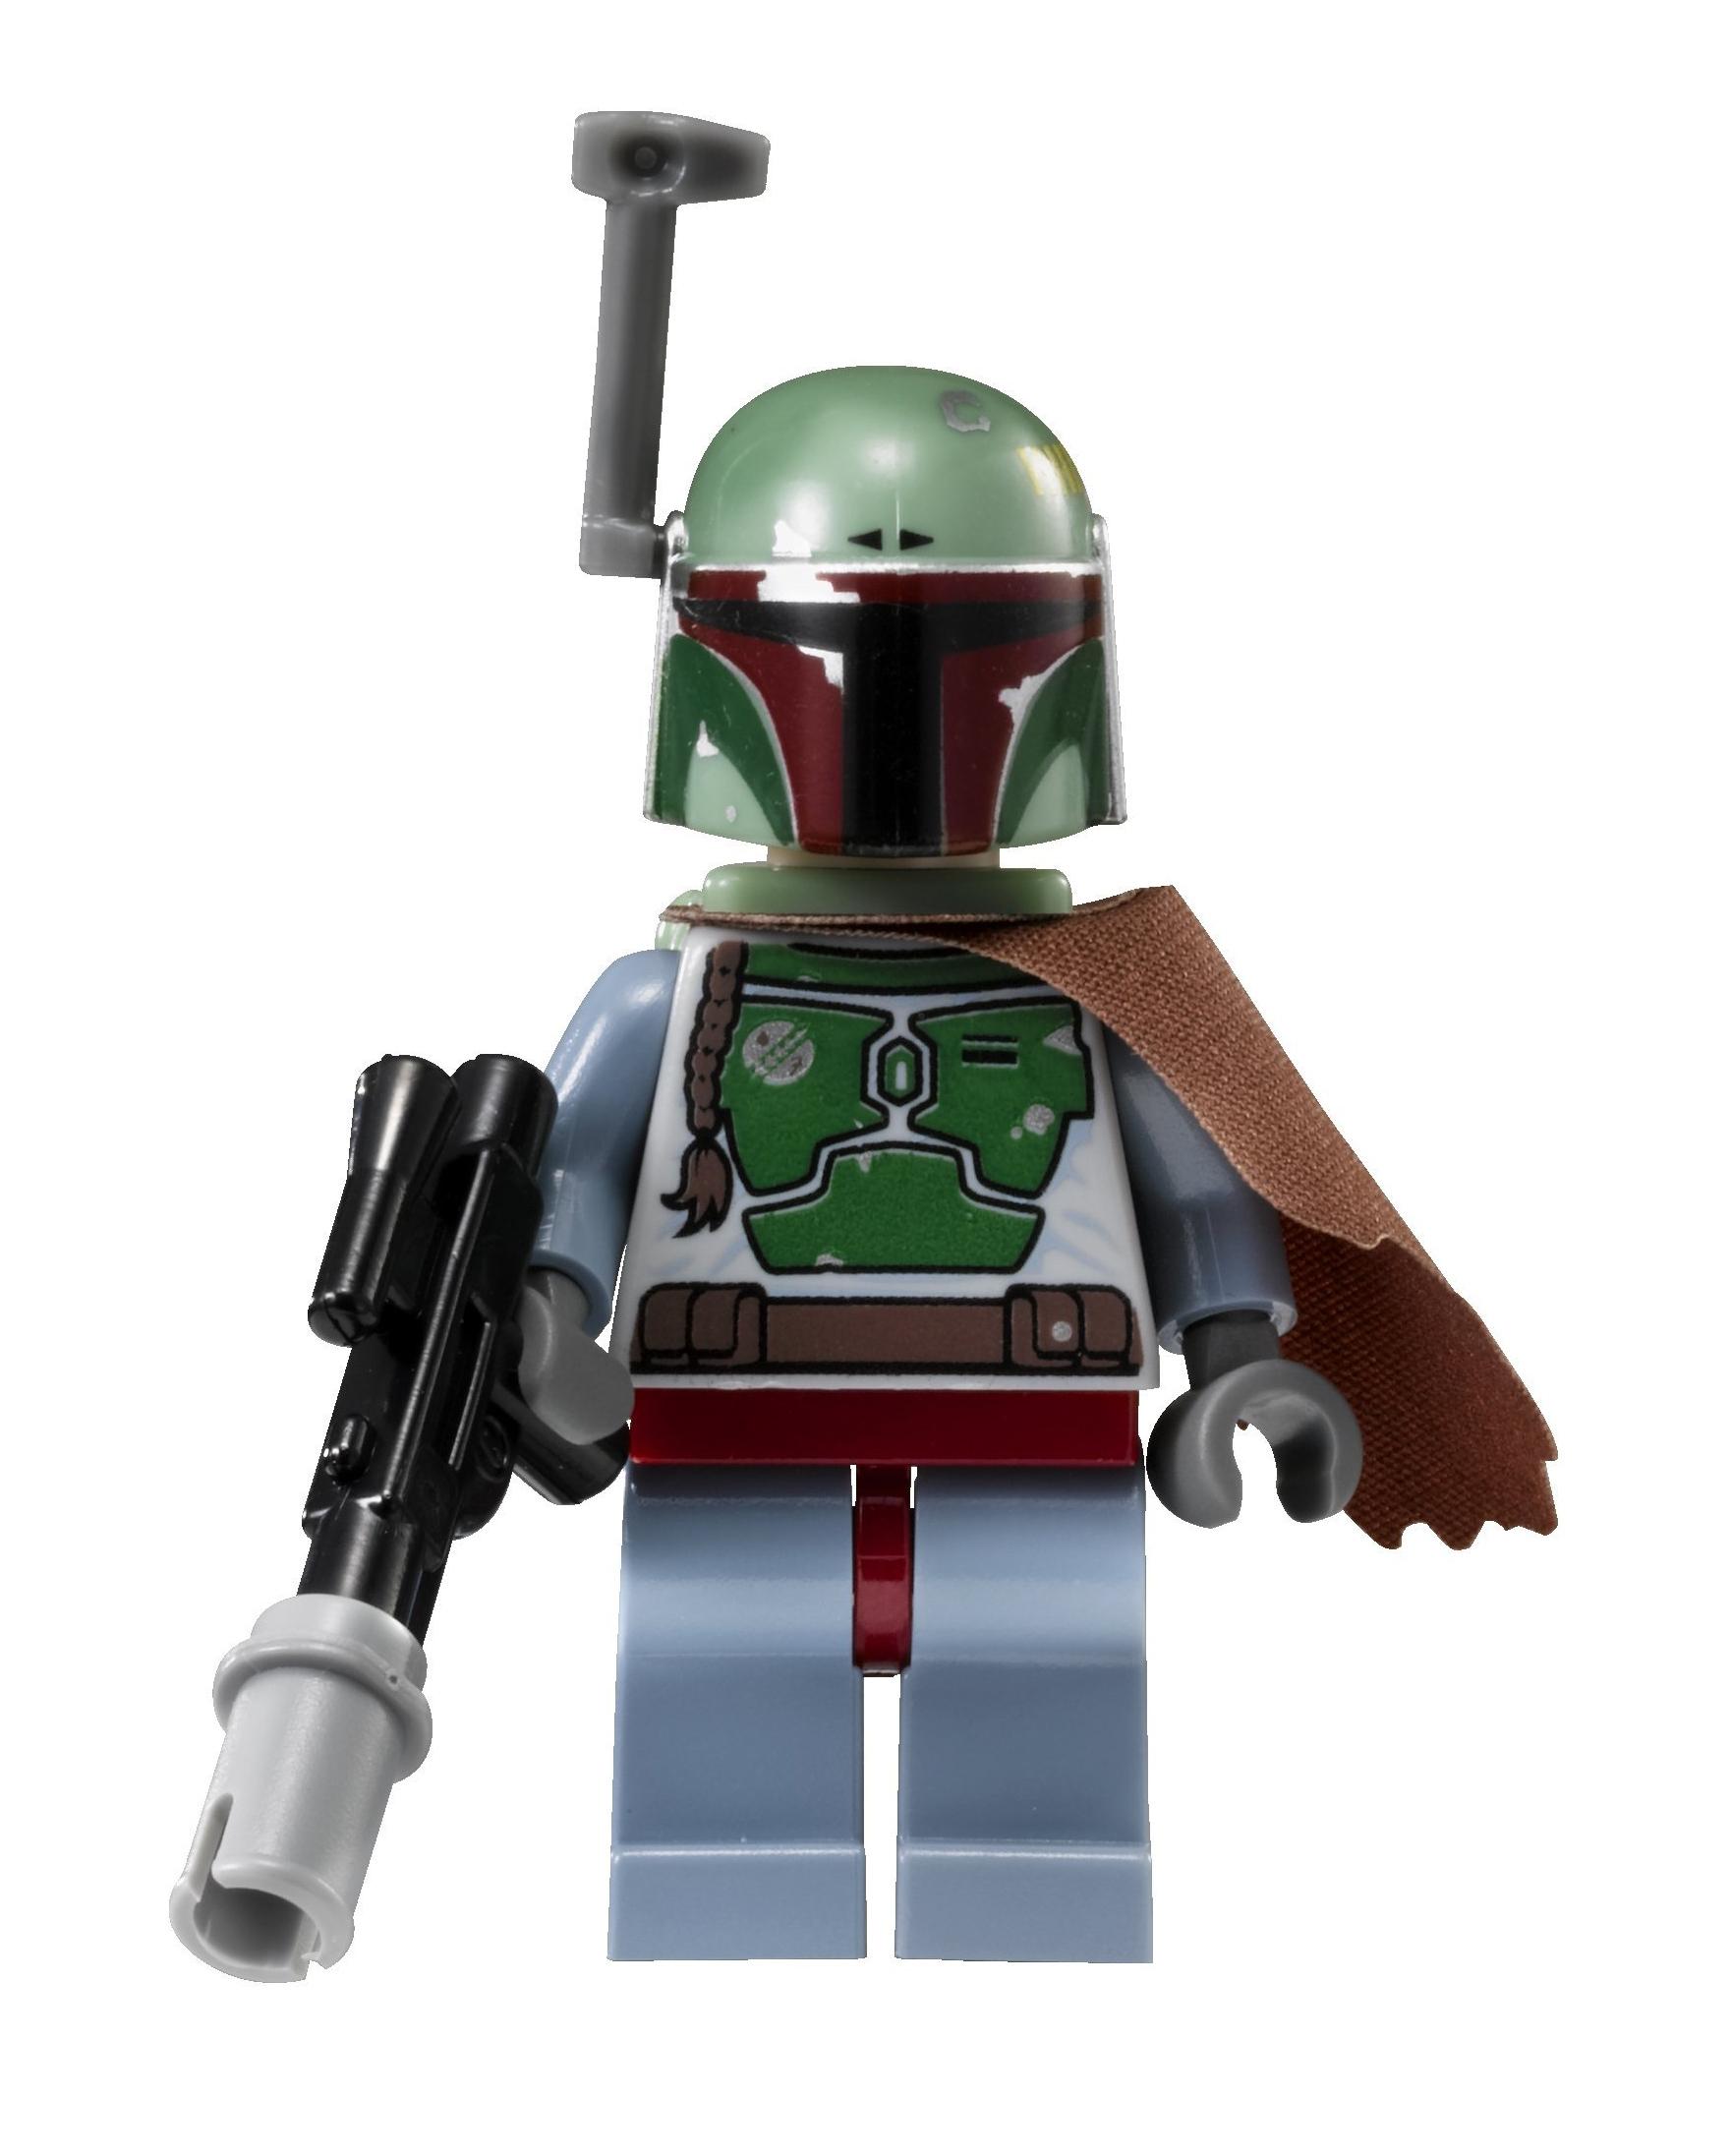 Lego 4 x Rangefinder /& Visor Boba Fett/'s Star Wars Accessories Dark Red